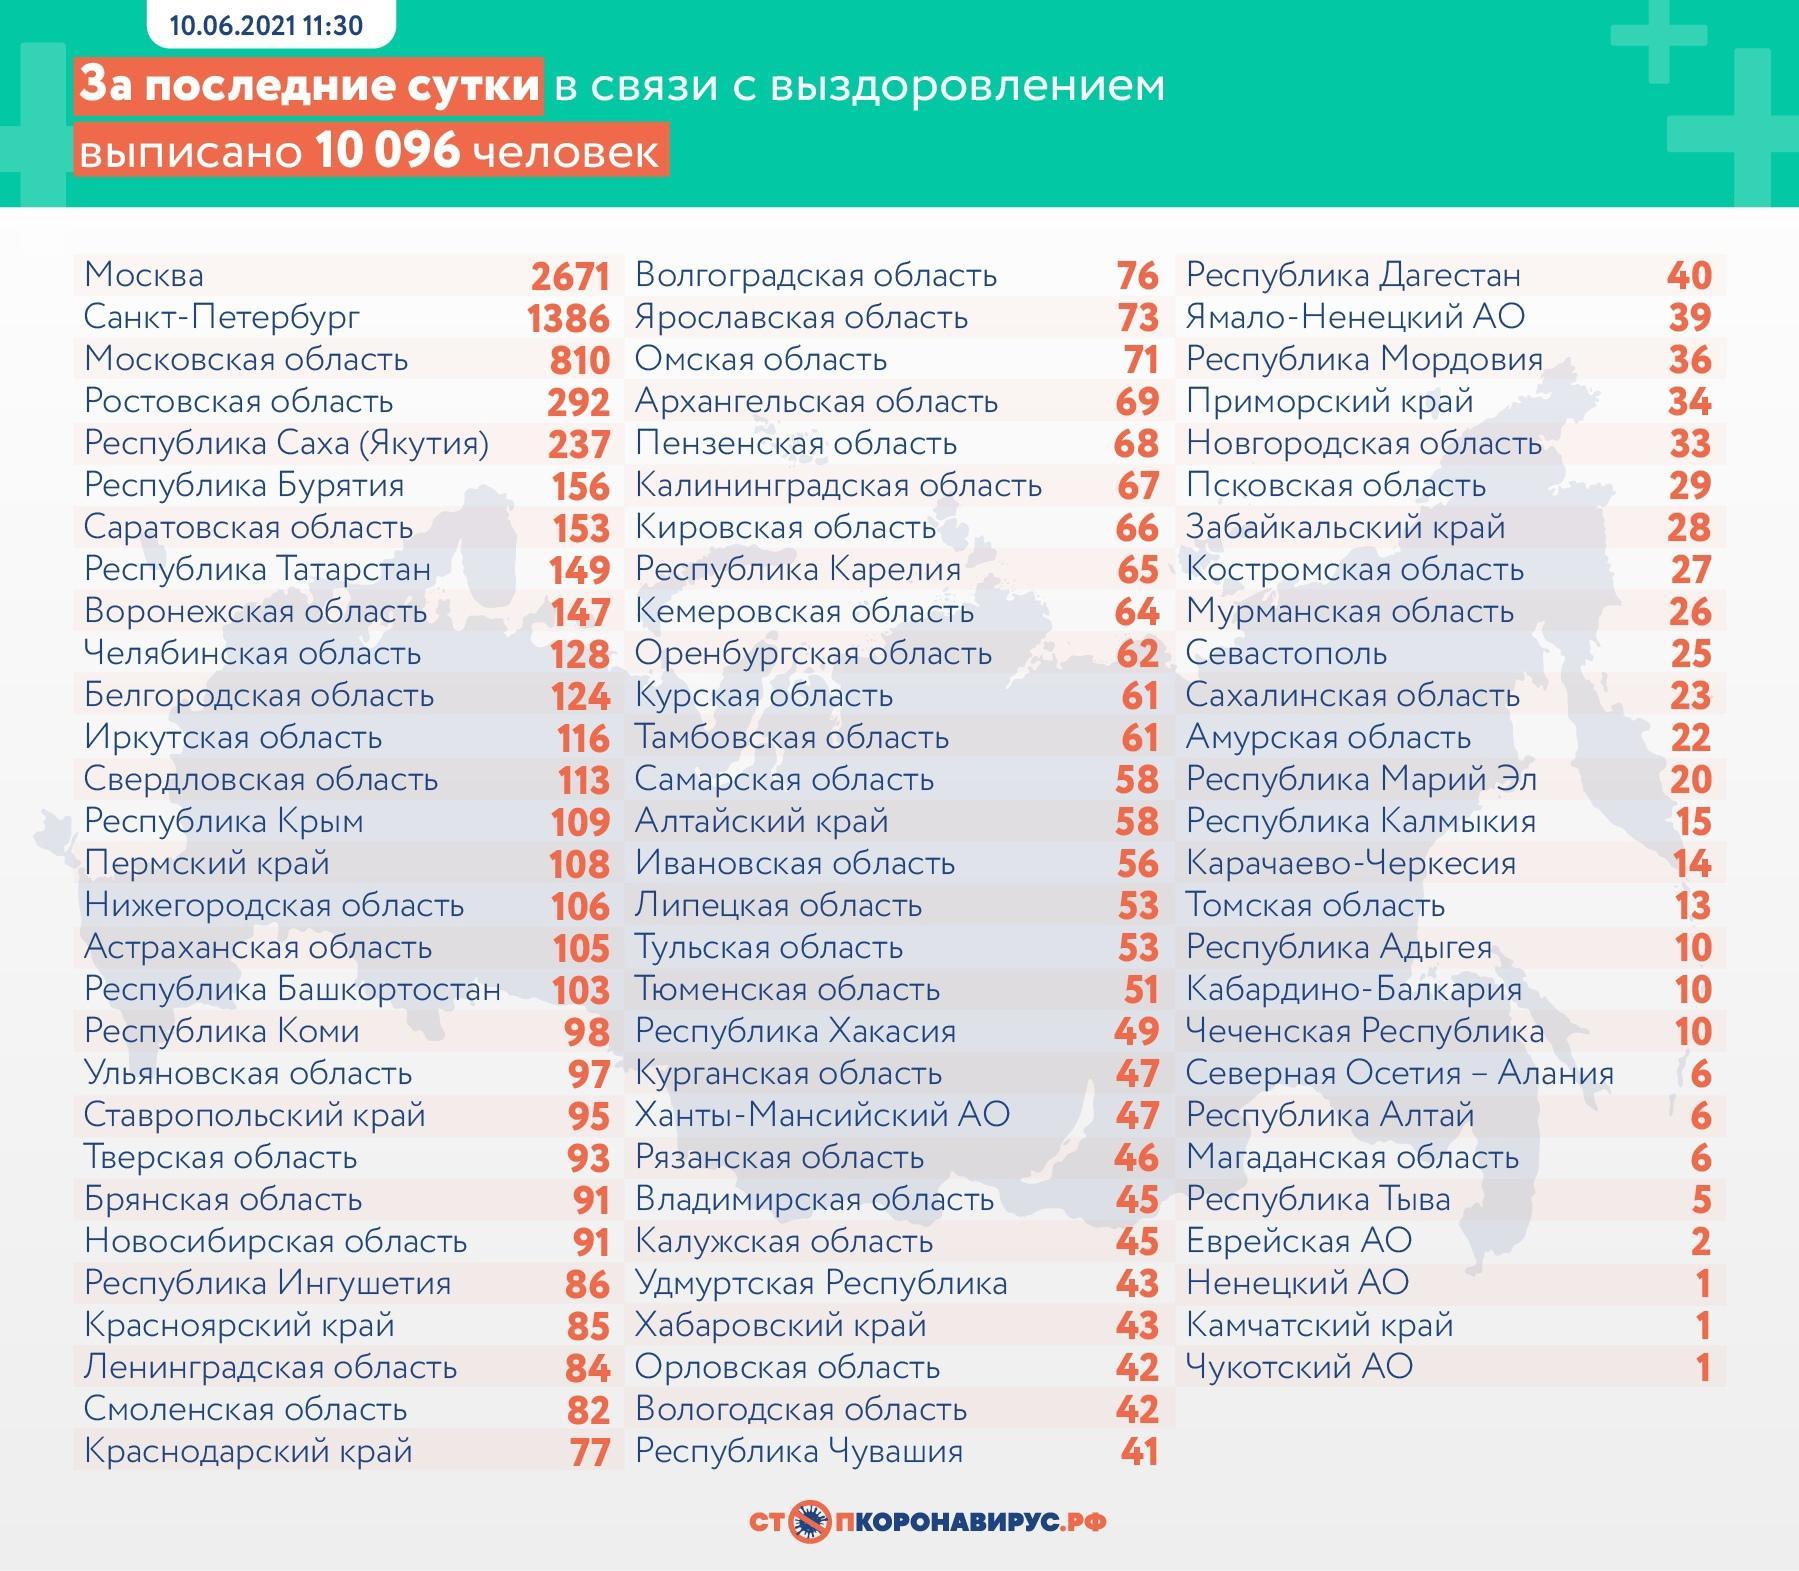 фото 11 699 человек заразились коронавирусом в России за сутки 3